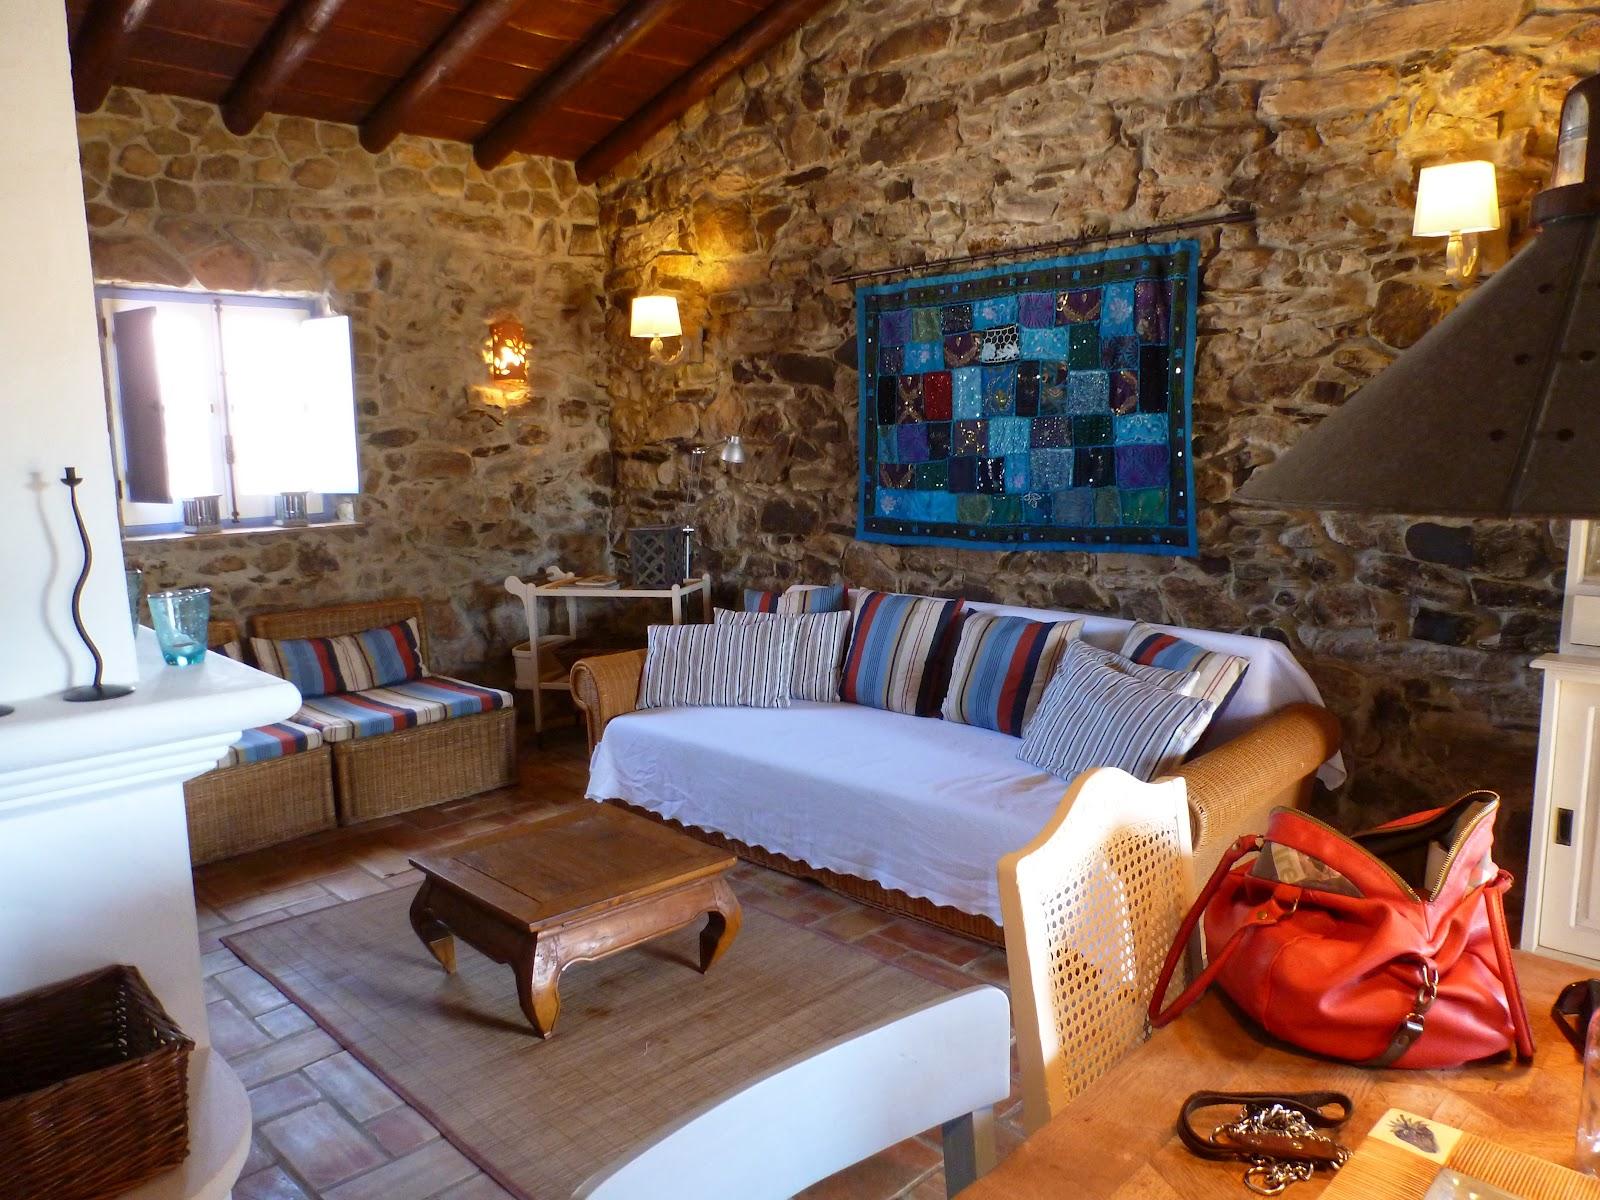 El portal de susana quinta das andorinhas casas rurales - Casas rurales portugal ...